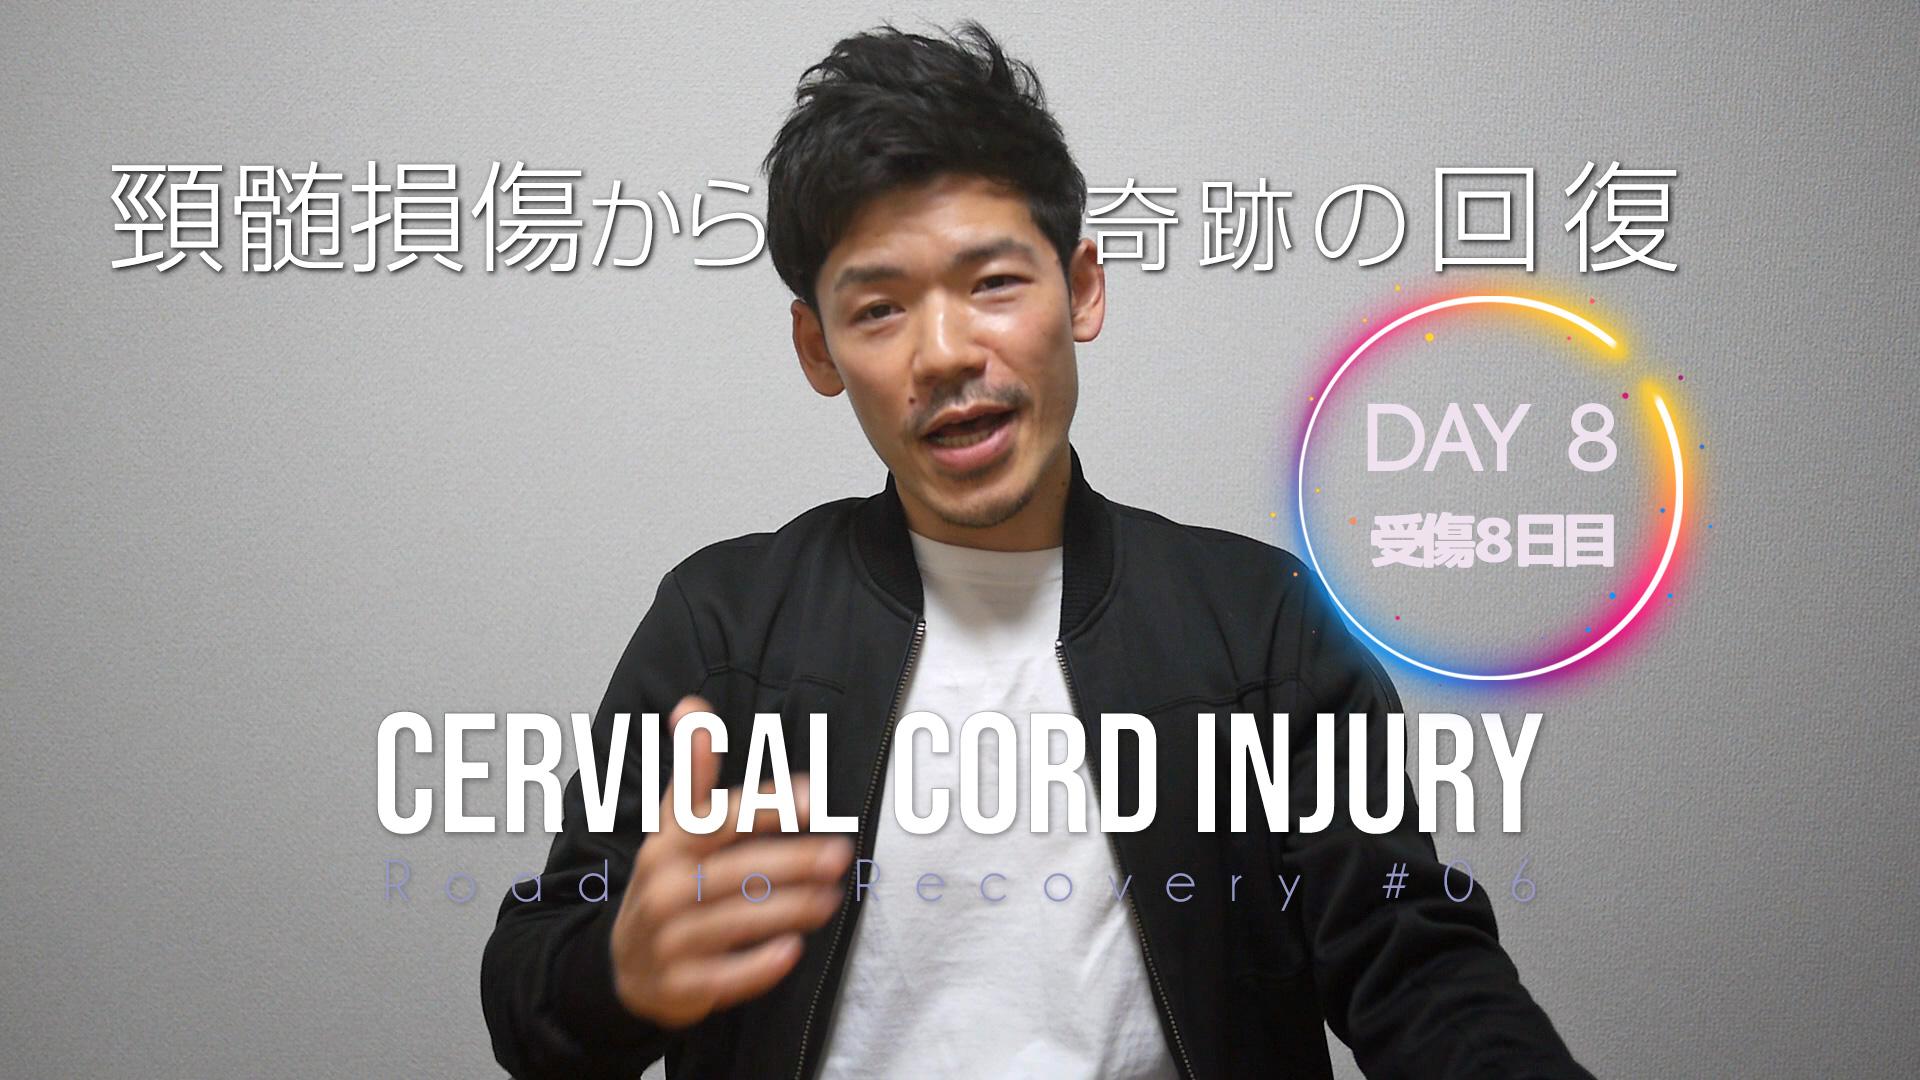 頸髄損傷「車の運転ができた」元のように身体は動かない 退院後の生活 出来ることが増えてきた(事故から8日目)